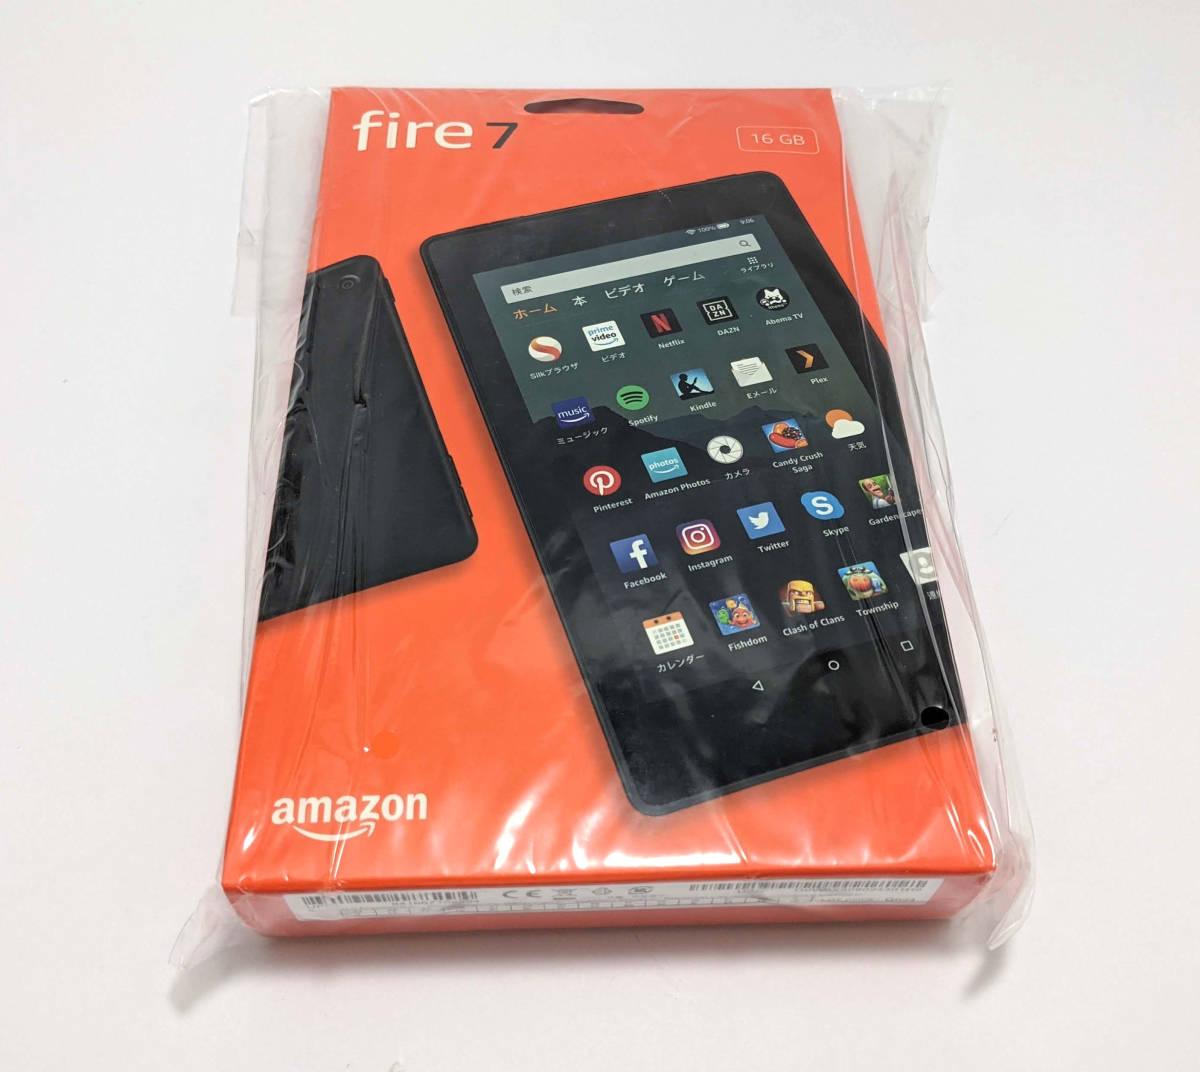 ☆送料無料☆新品未開封☆Amazon Fire 7 タブレット 16GB(7インチディスプレイ)